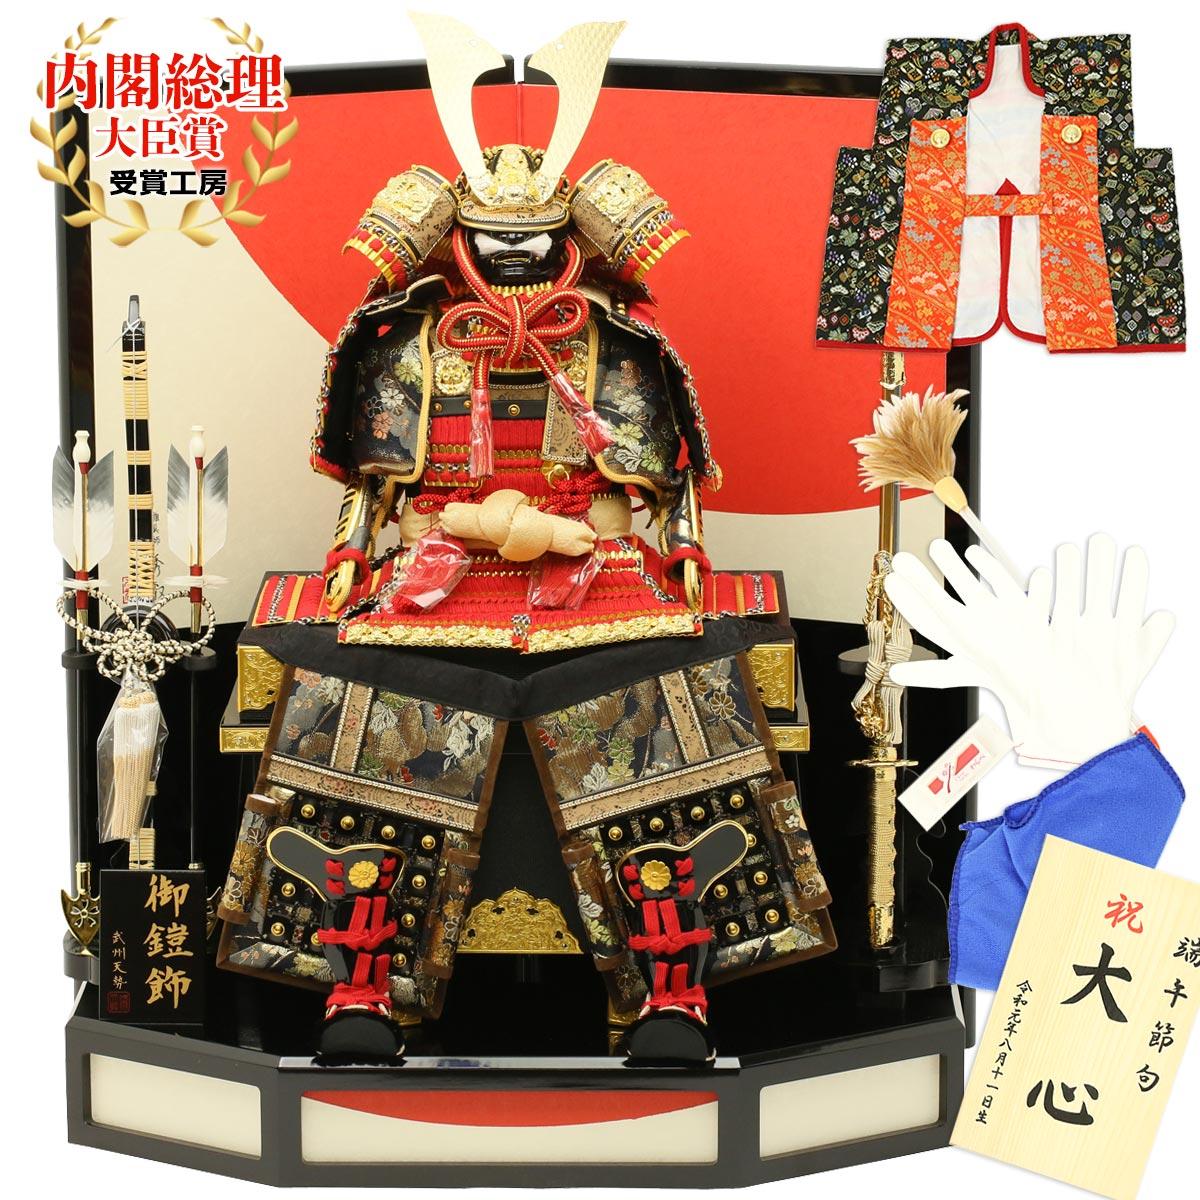 五月人形 鎧 8号 鎧飾り 人形工房天祥オリジナル 勇 鎧 日の丸屏風飾り